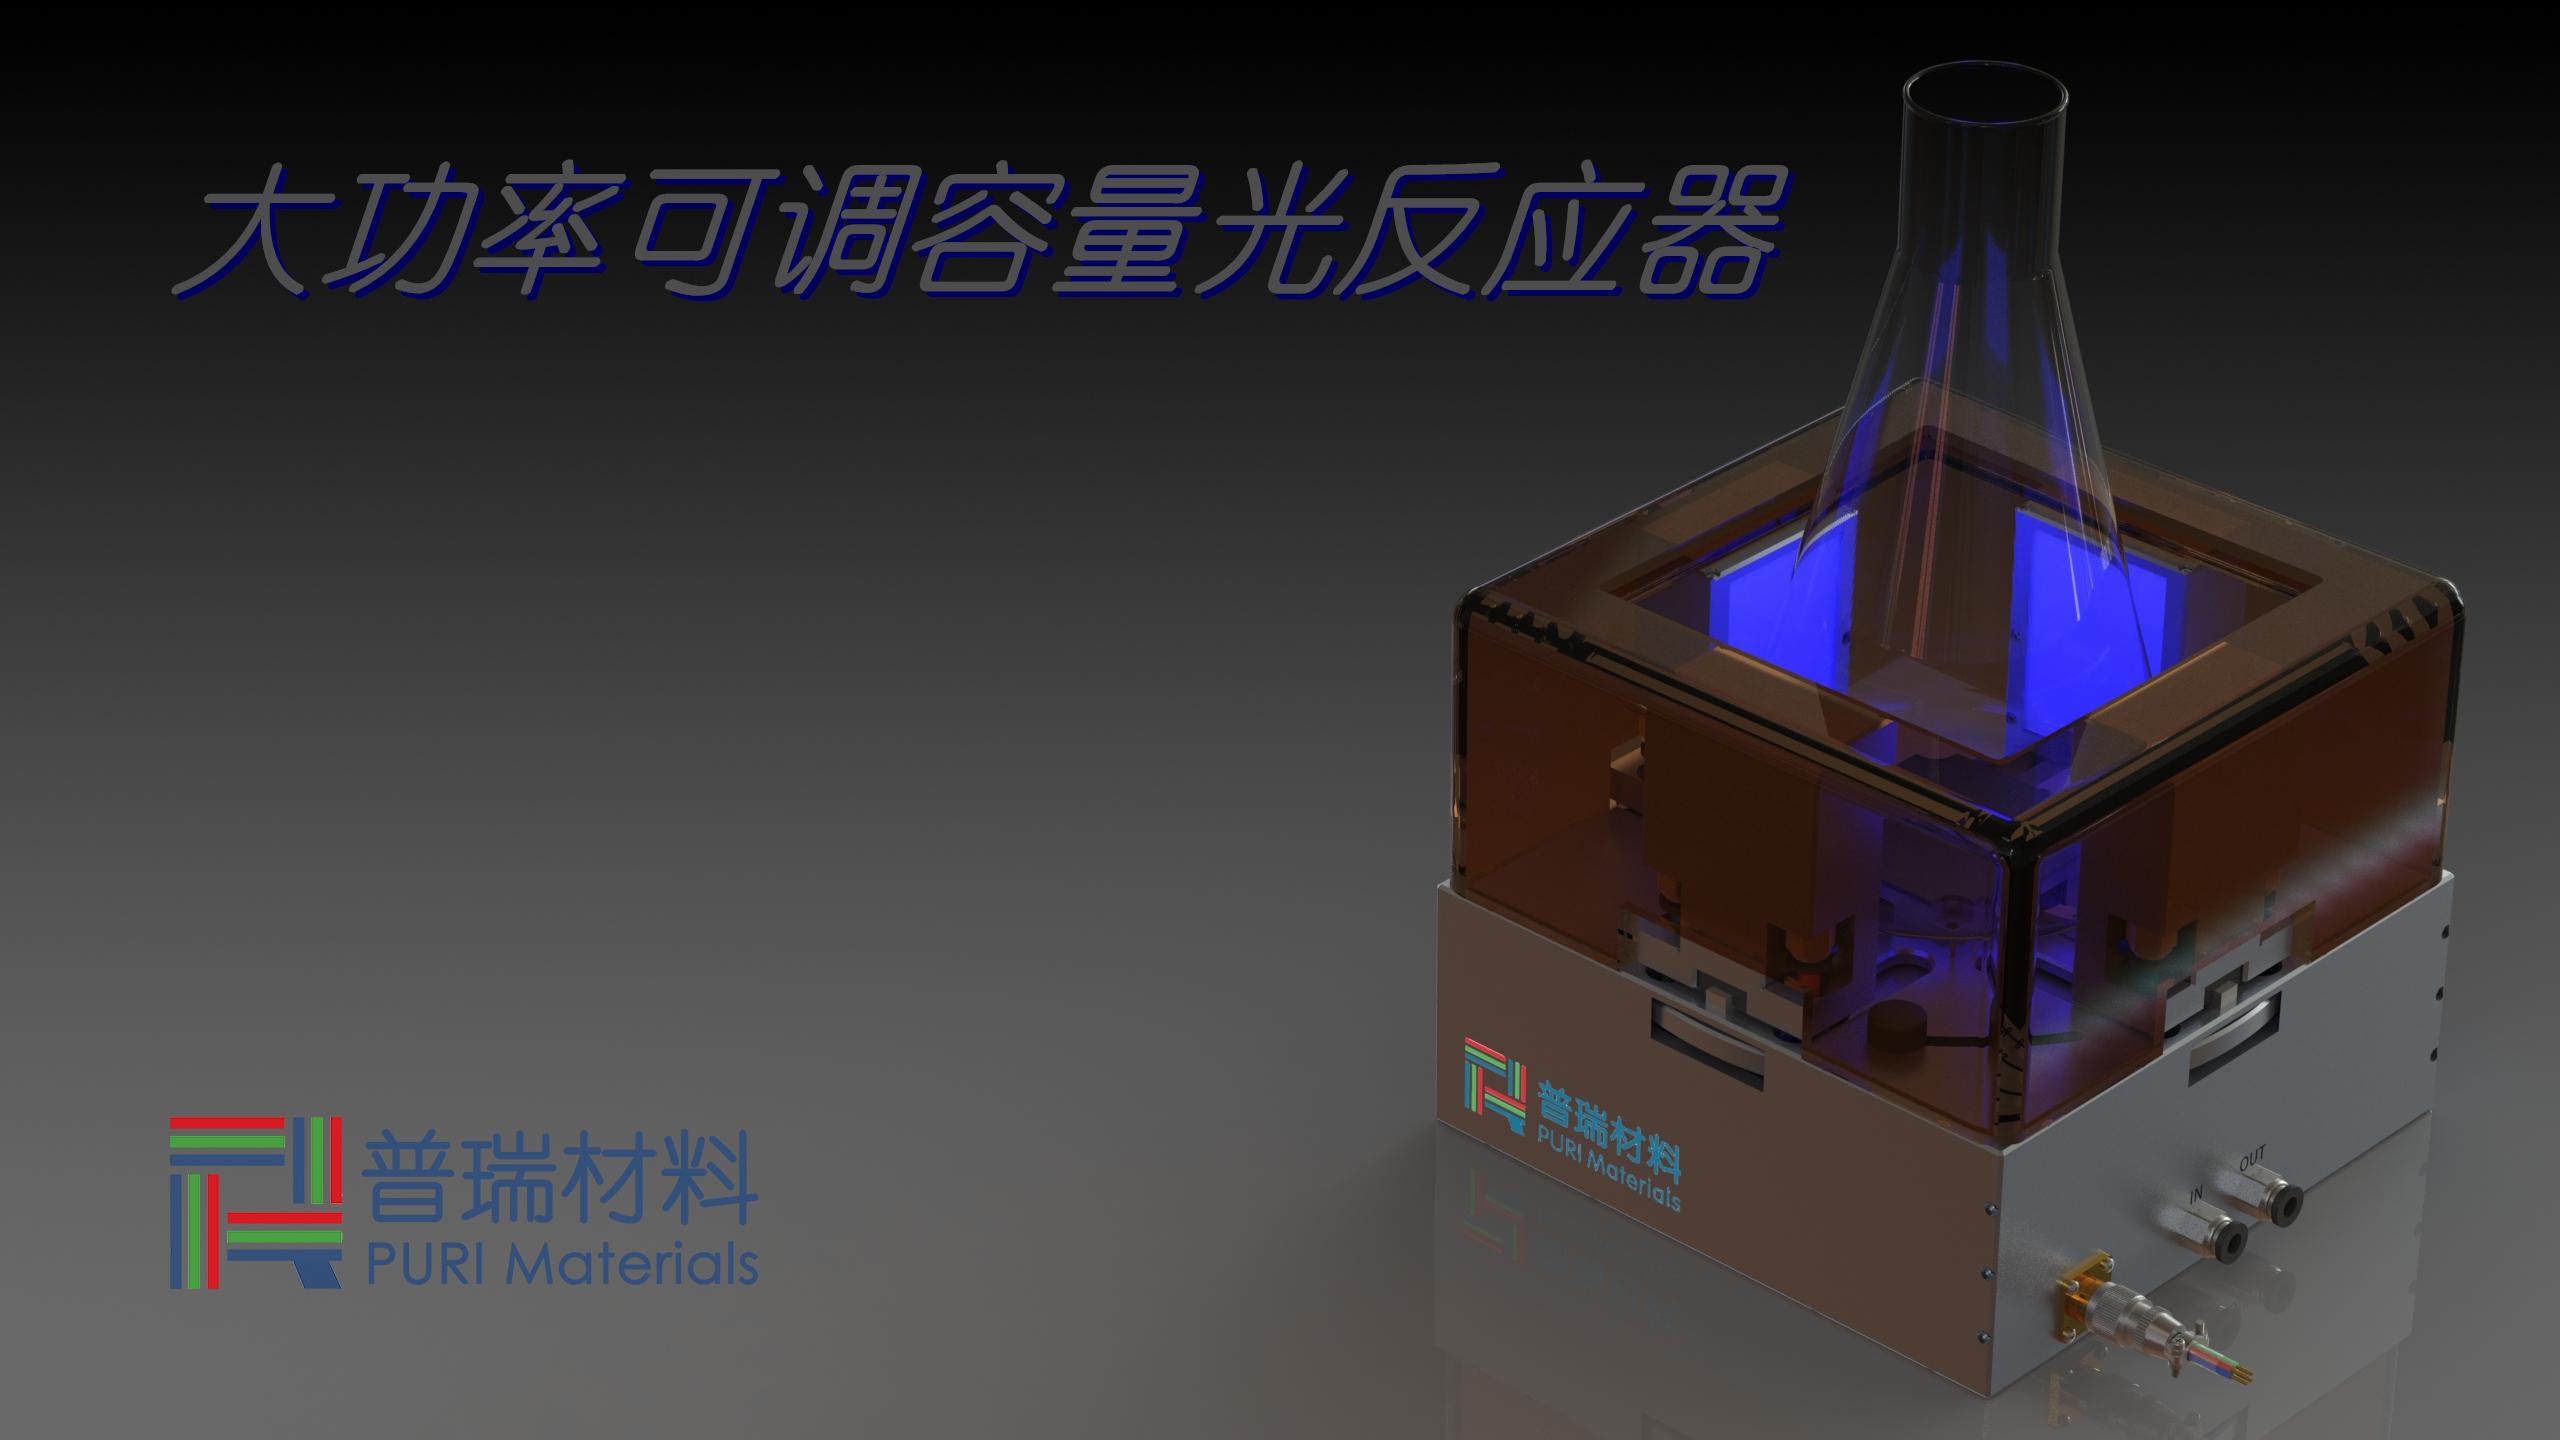 可变间距光反应器渲染图-1_副本-带LOGO(1)